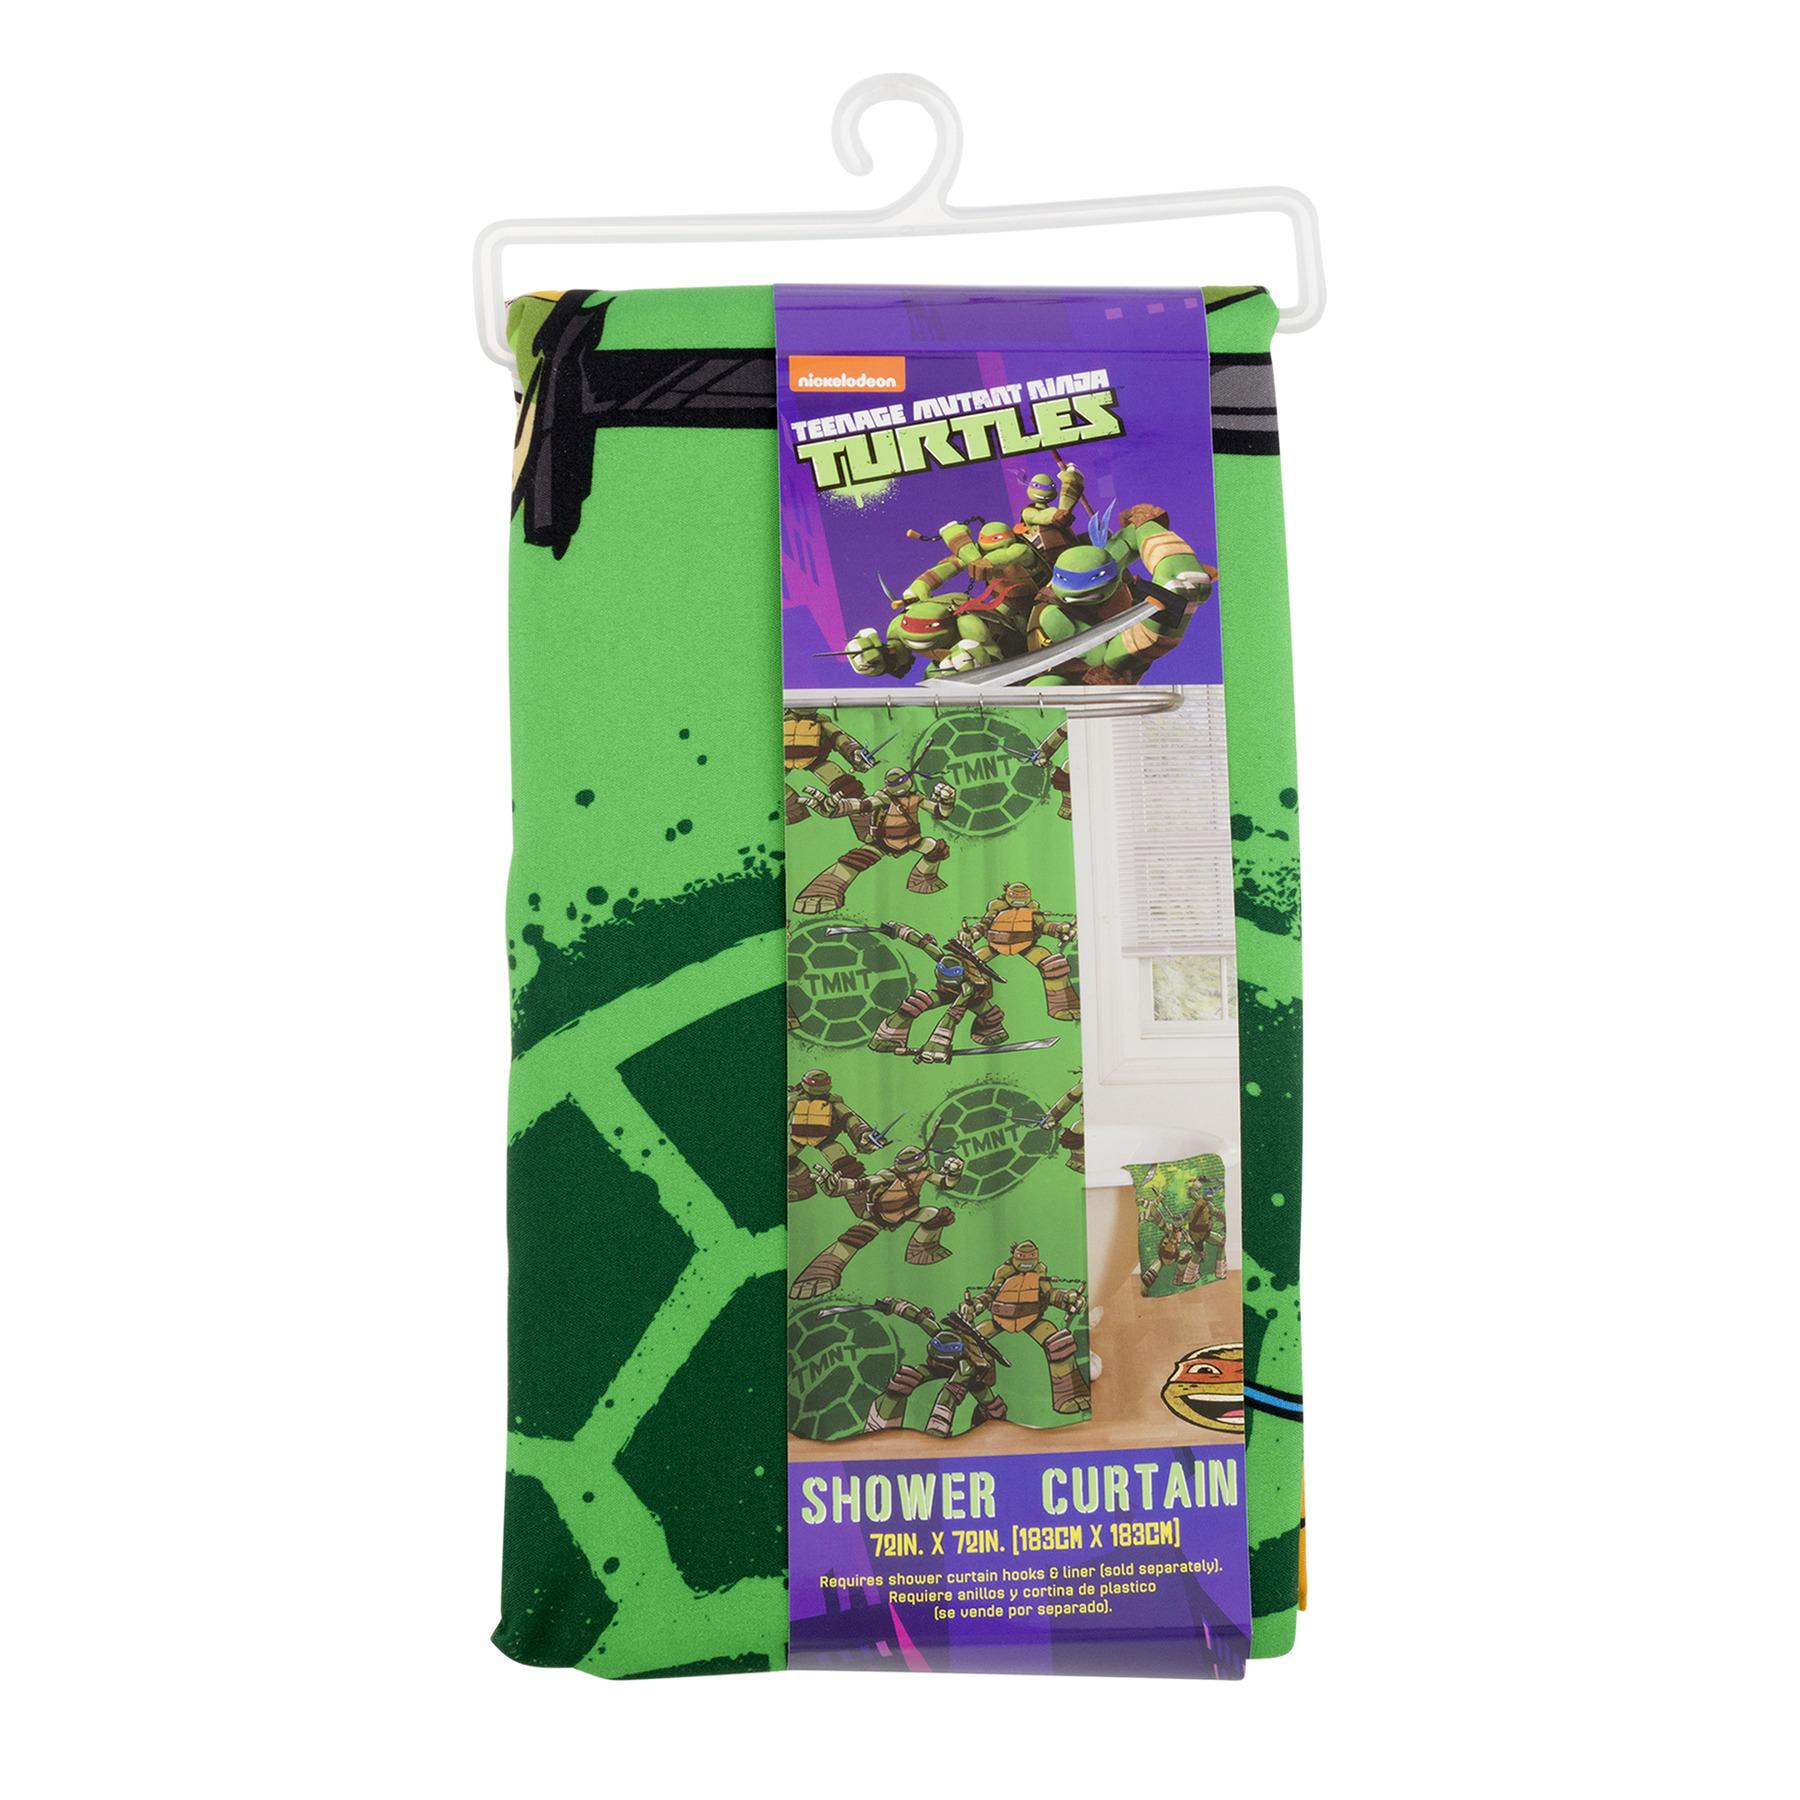 Teenage Mutant Ninja Turtles Shower Curtain, 1.0 CT